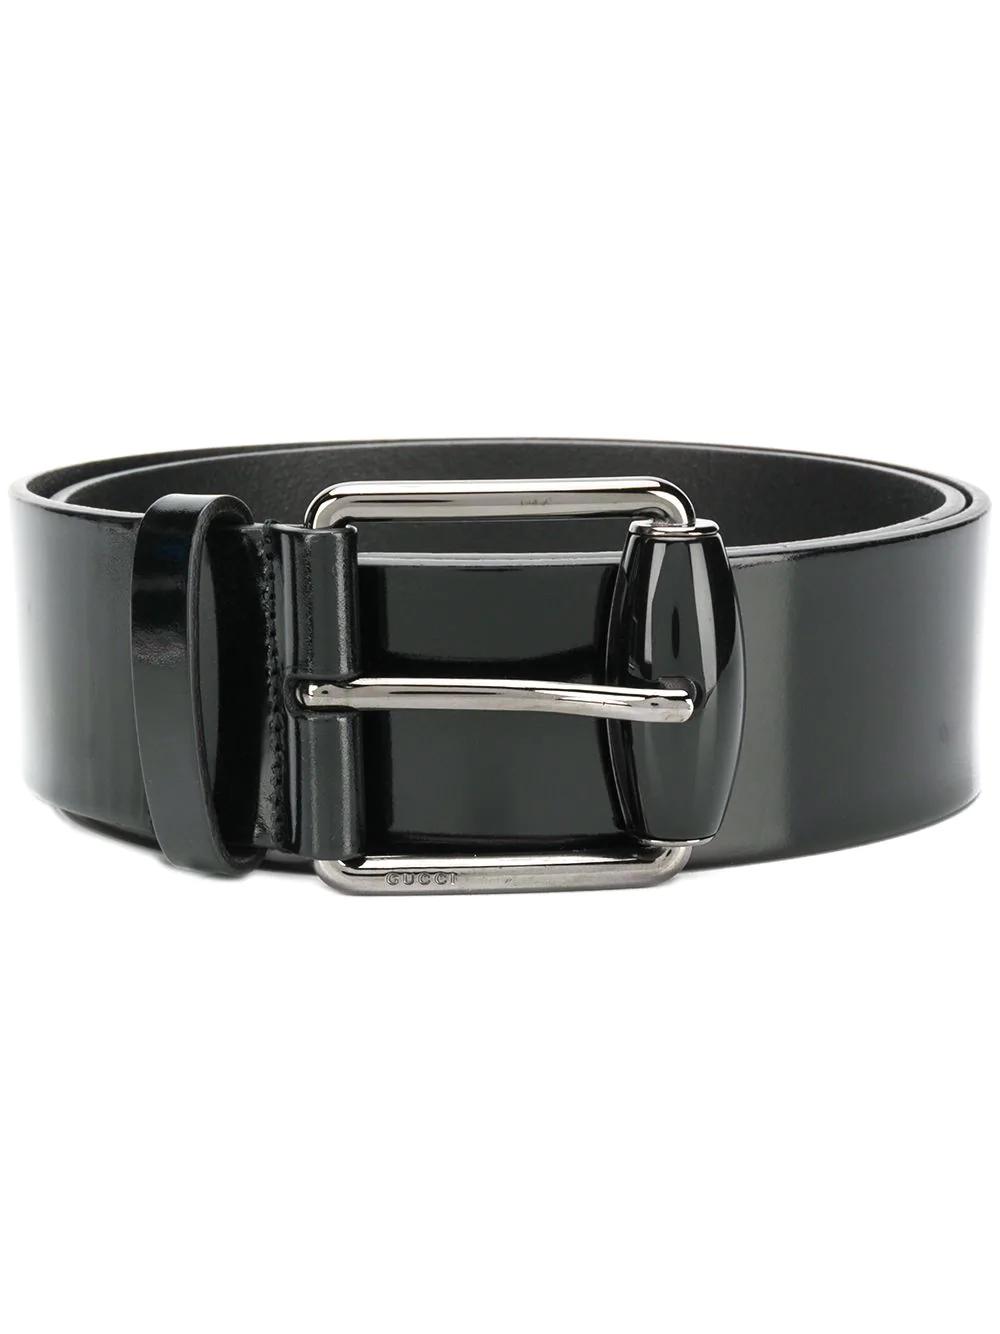 7ca0cd921fc412 Gucci Varnished Belt - Black | ModeSens